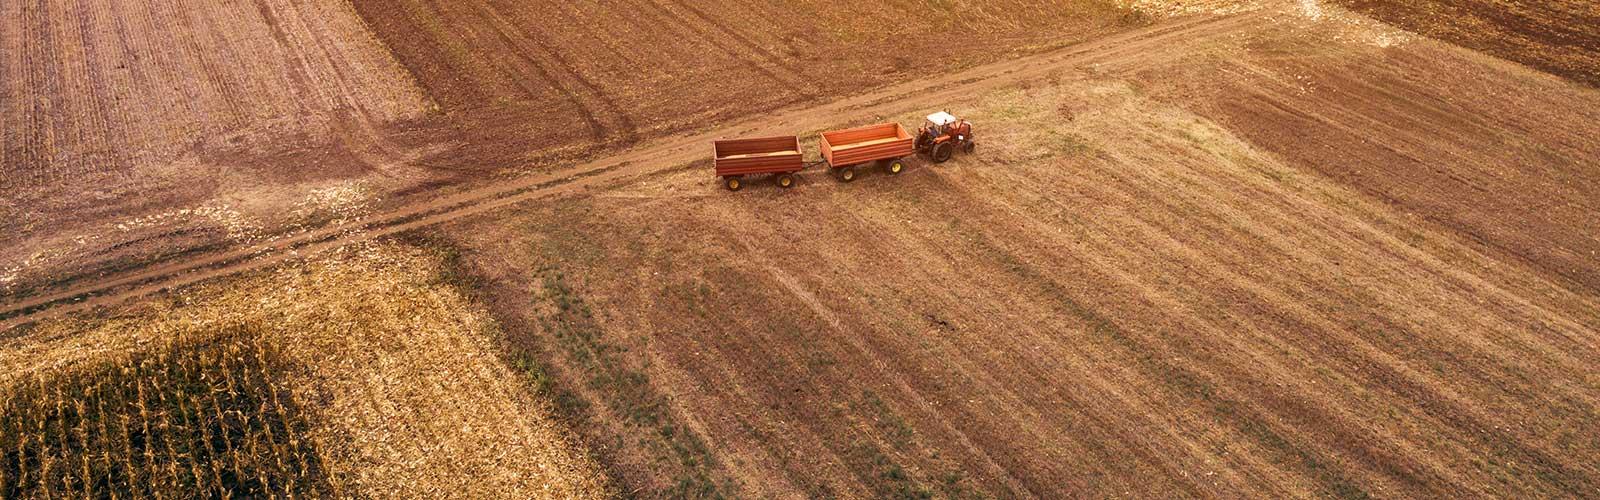 Baumpflege Rohrbeck - Lohnbetrieb Landwirtschaft